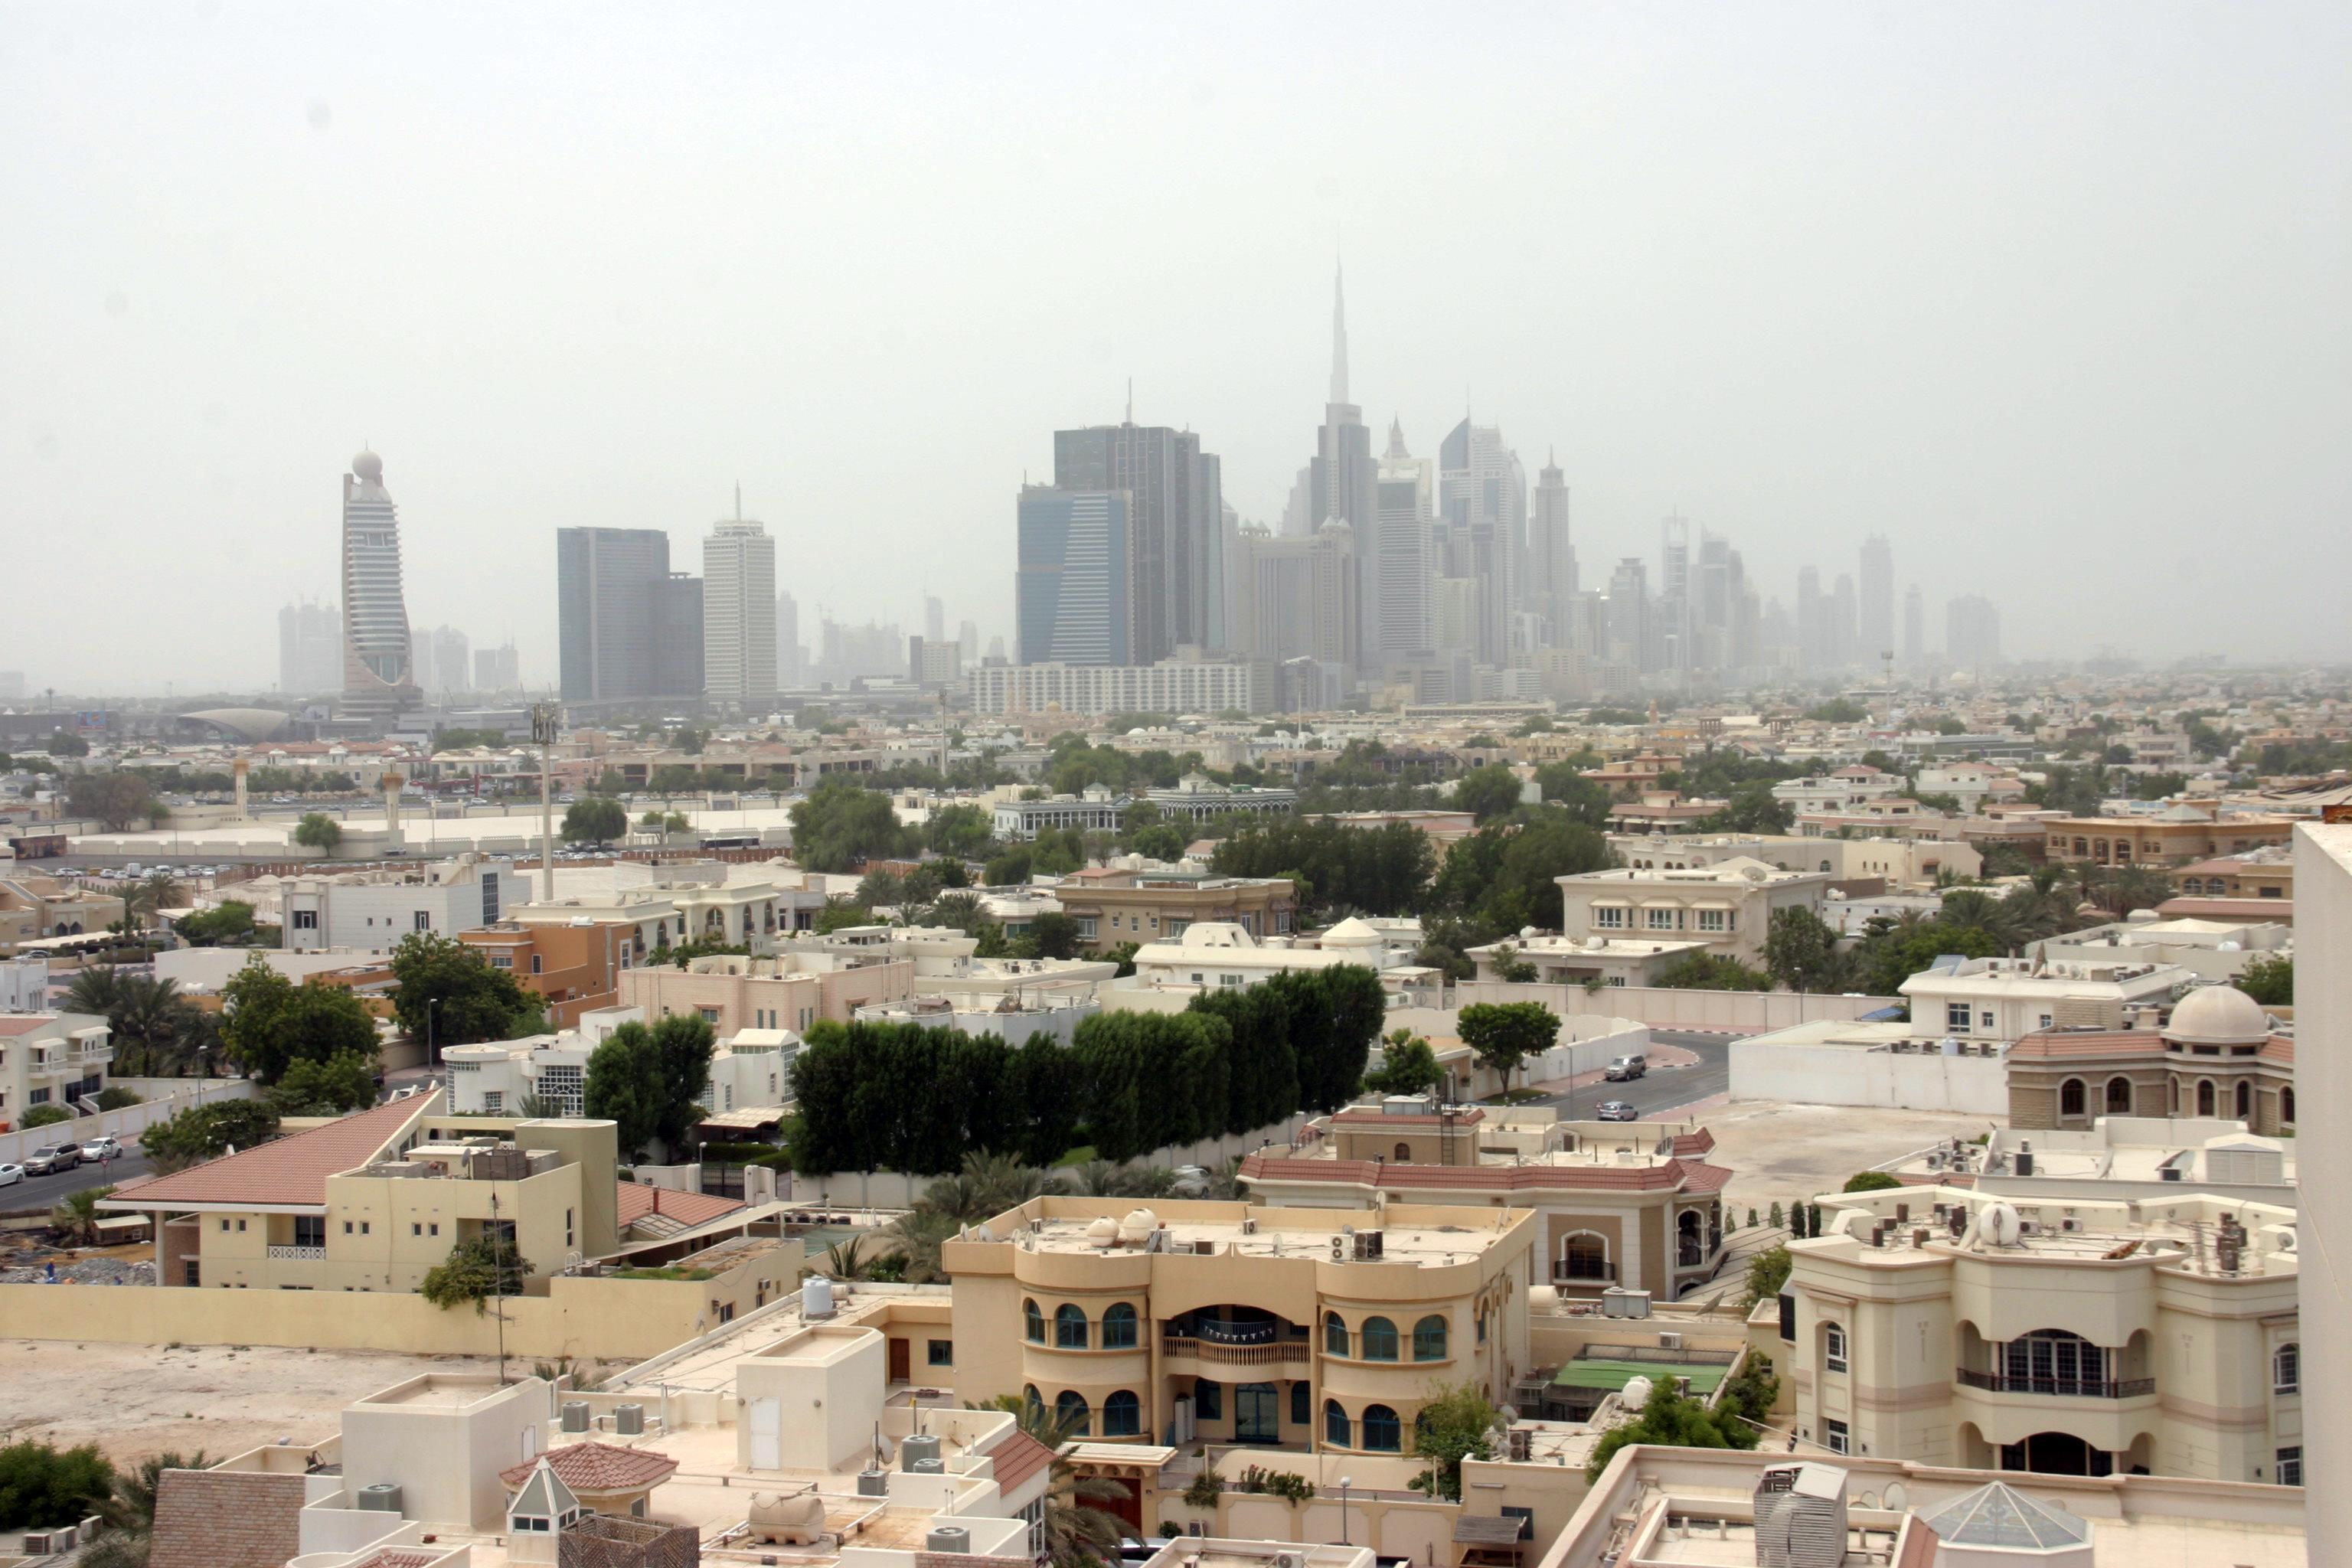 A Sheik Zayed Road felhőkarcolói a Bur Dubai ( = Régi Dubaj) városnegyedből nézve